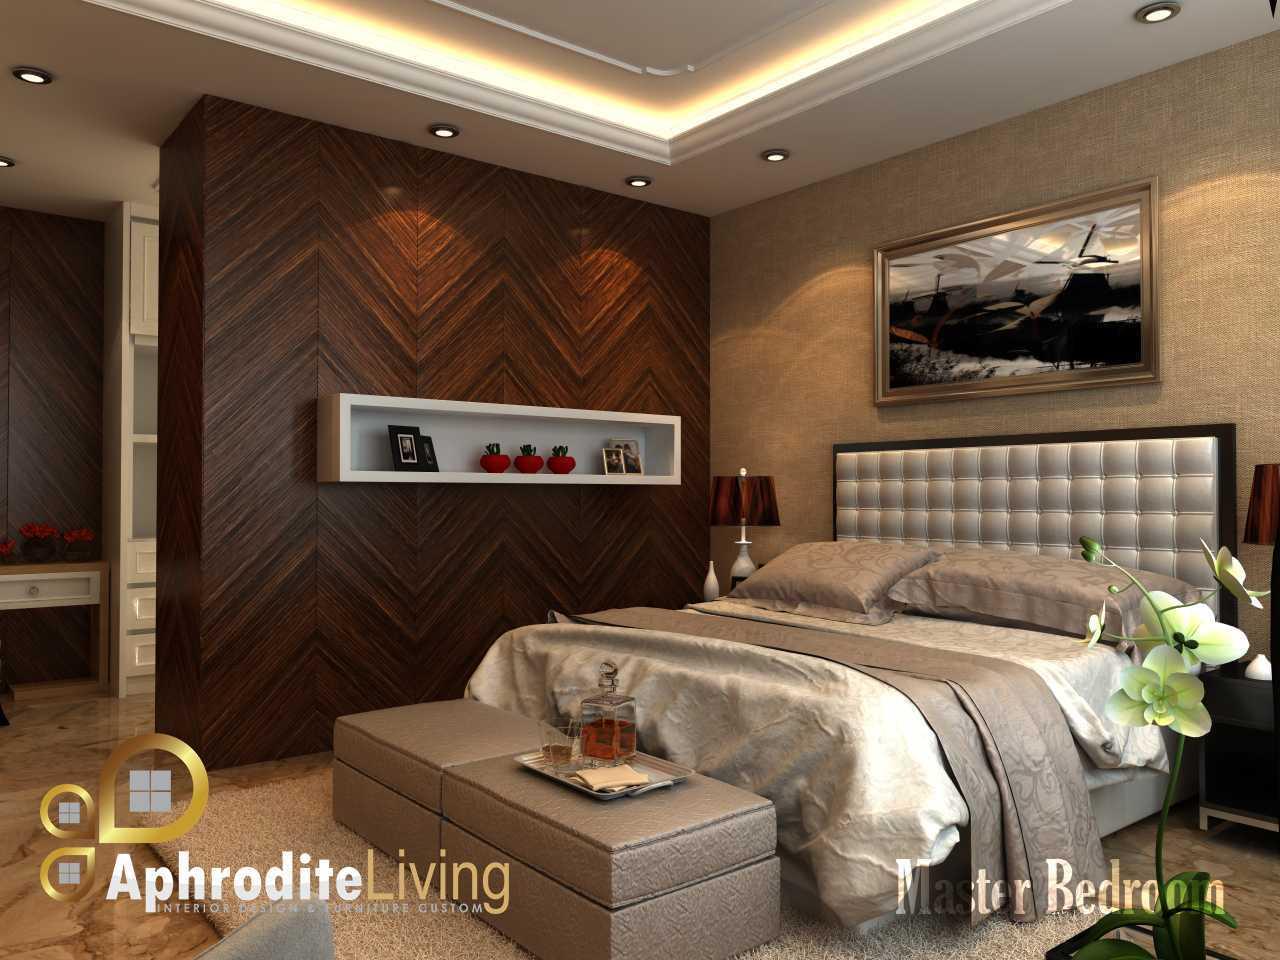 Adhitya Riyaldi Master Bedroom Kembangan, Jakarta, Indonesia Kembangan, Jakarta, Indonesia View 4  28855